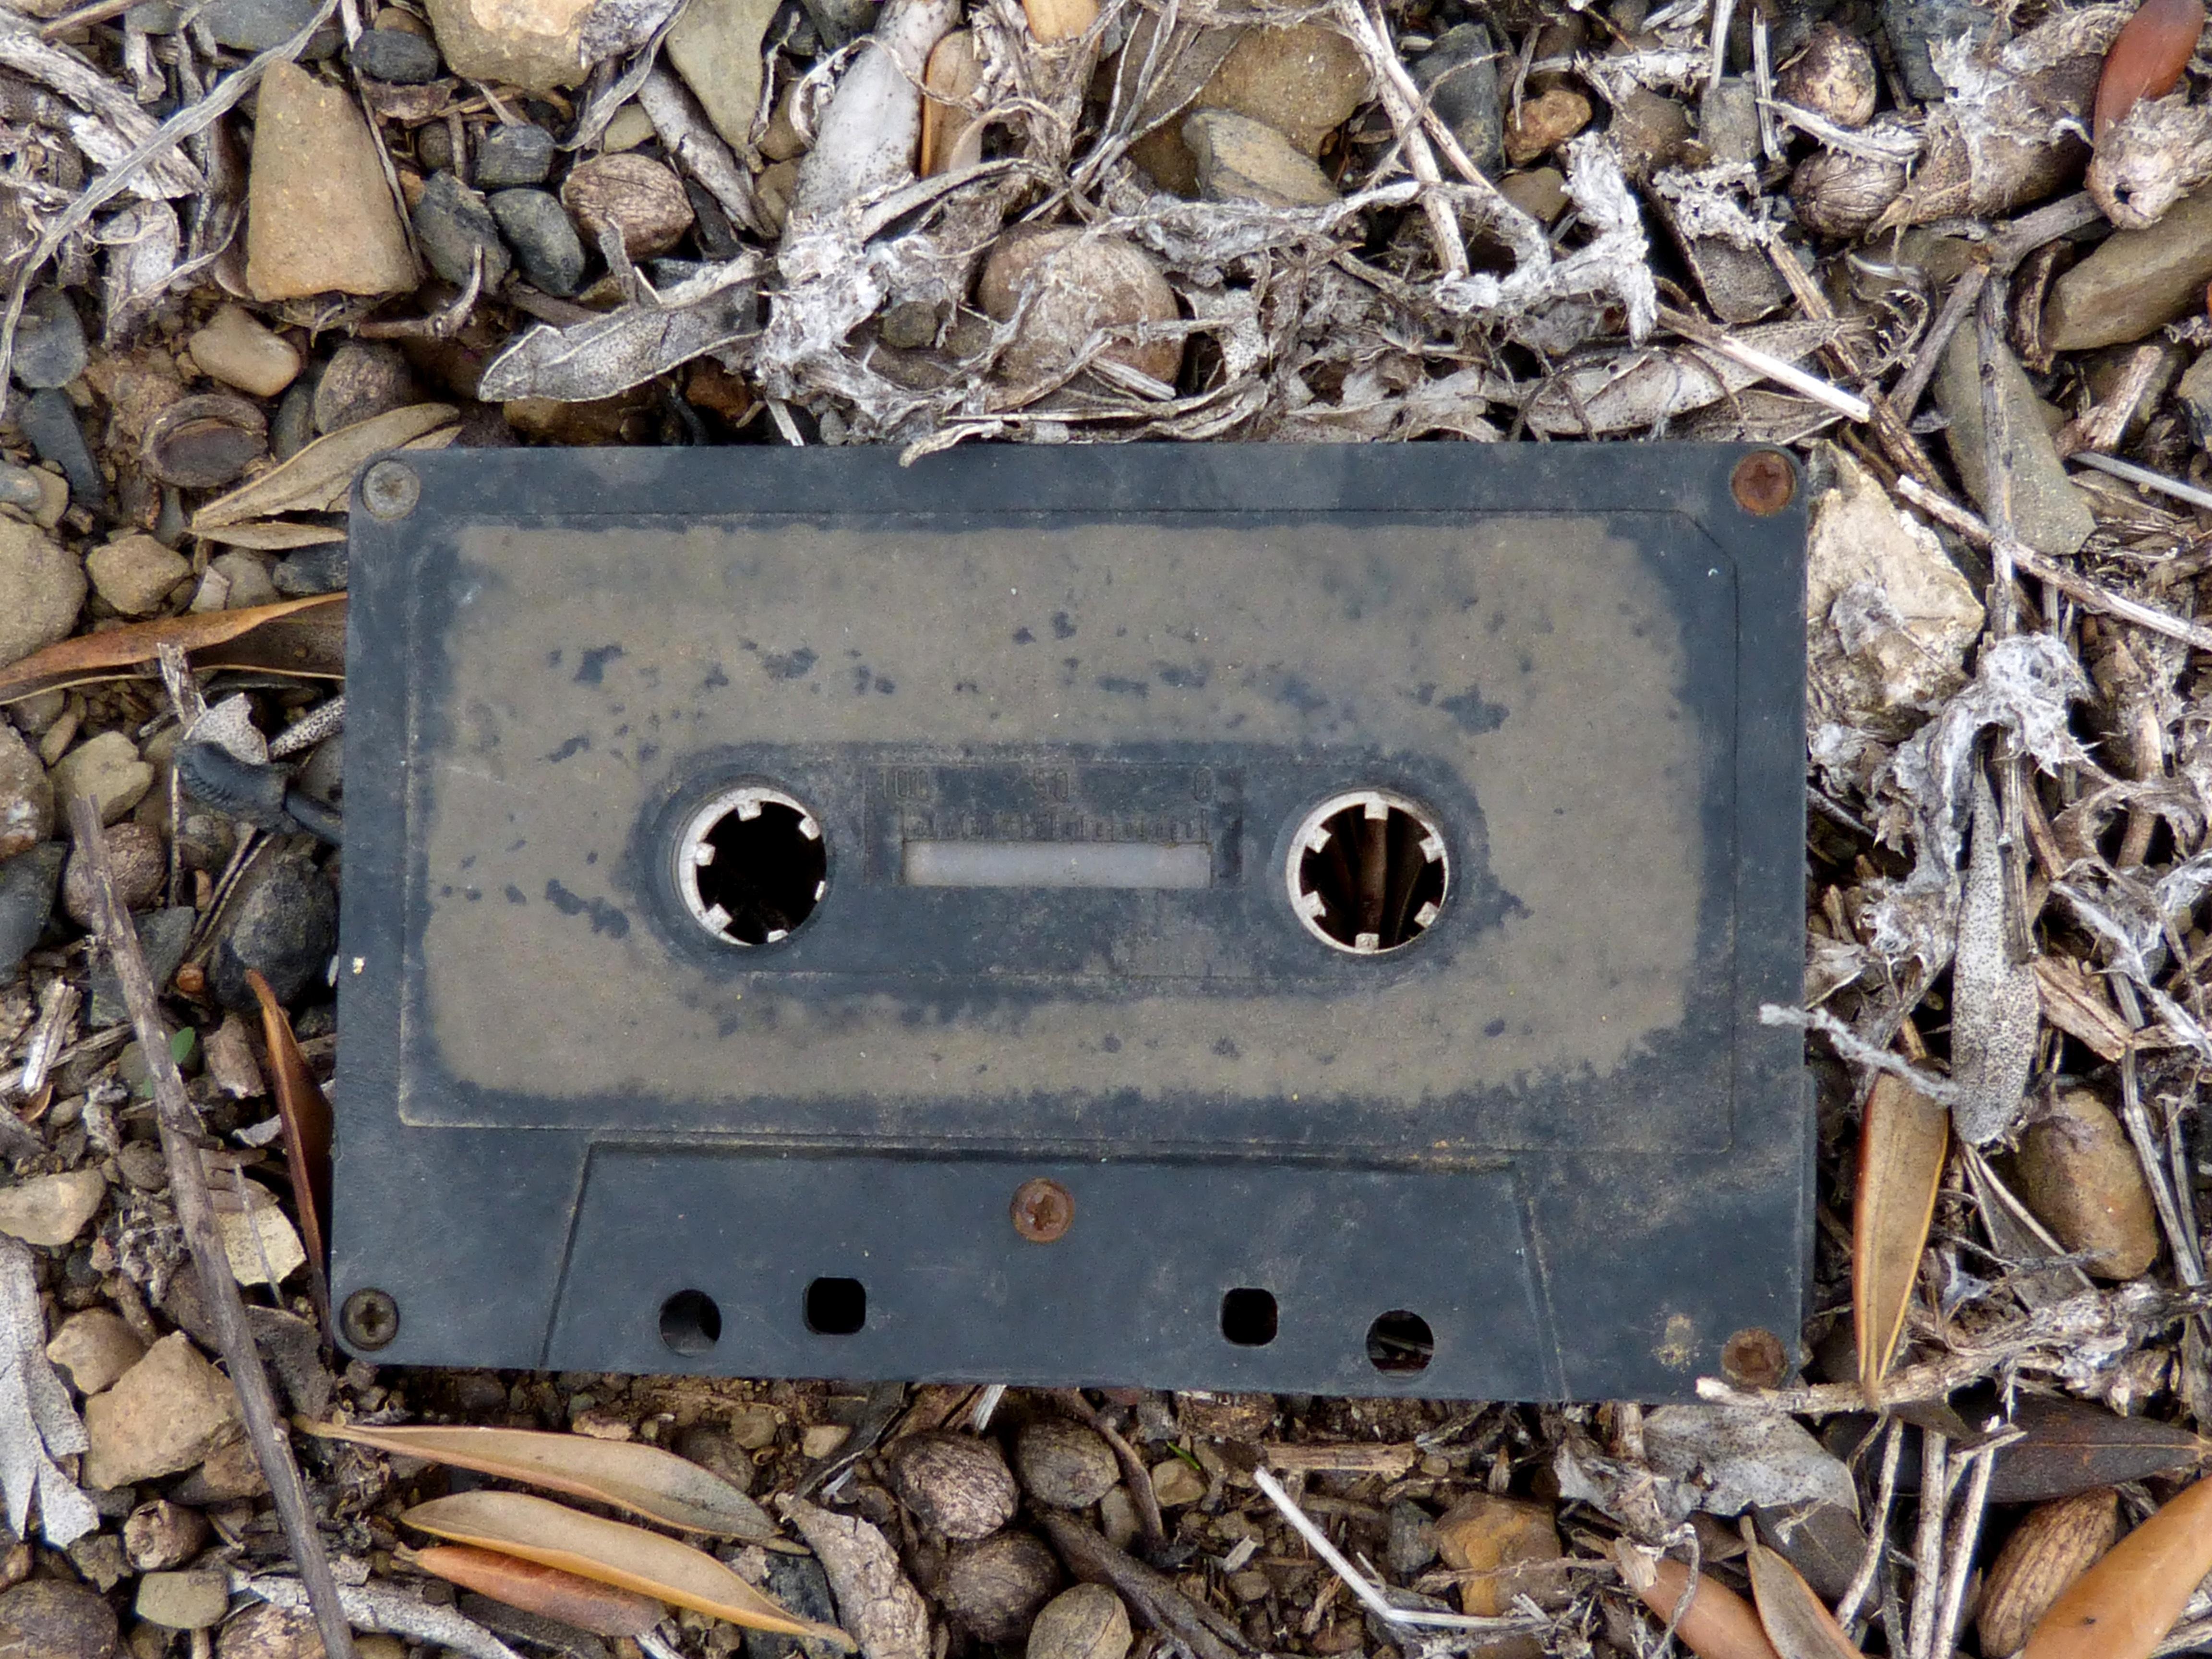 картинки кассет старых вышивка получилась